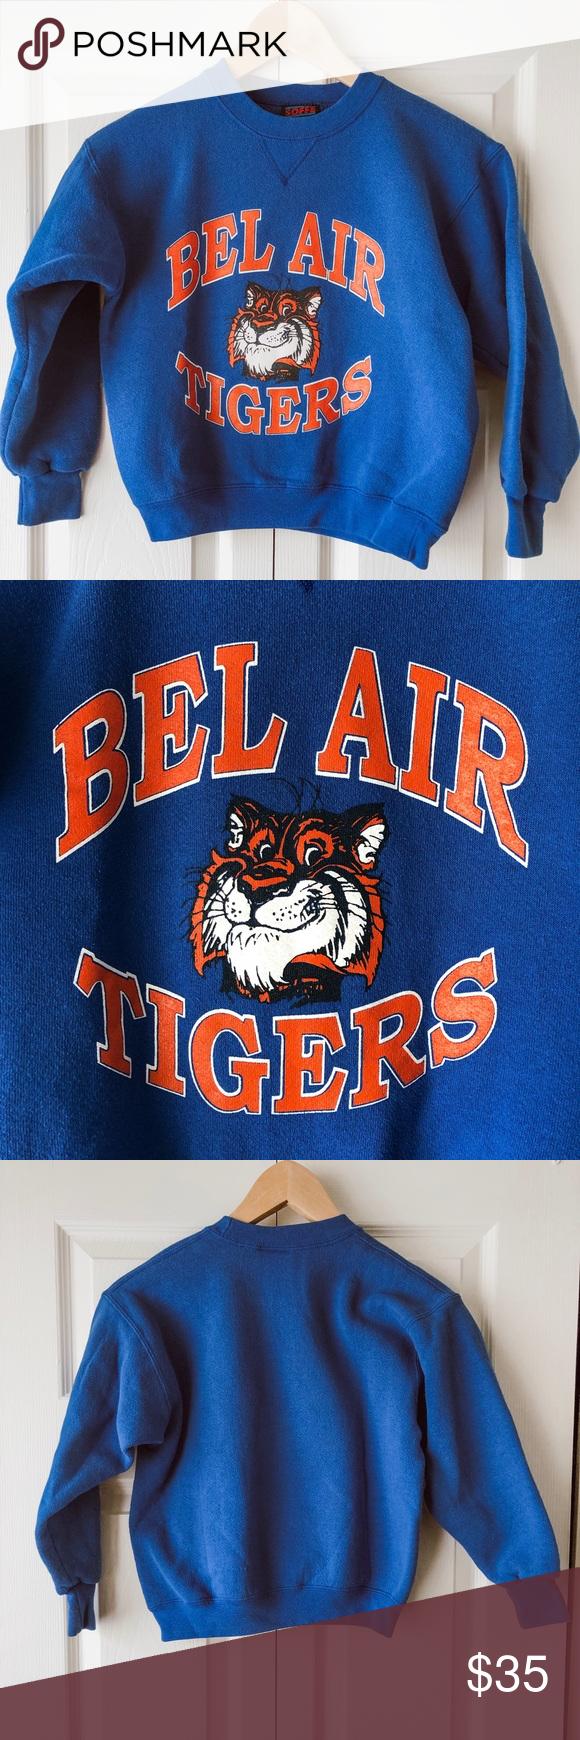 Vintage Soffe Bel Air Tigers Children's Sweatshirt